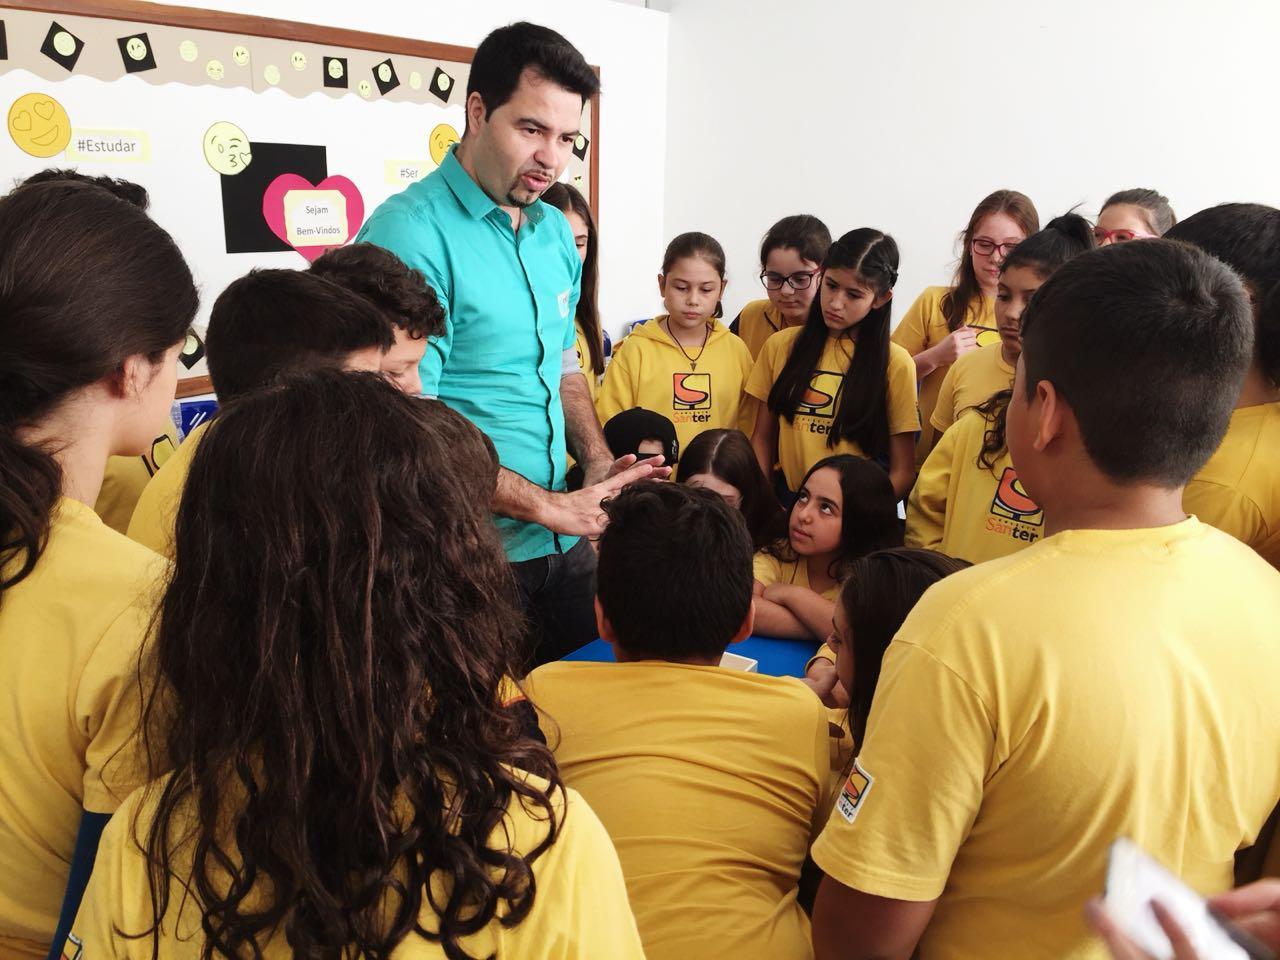 Confira as primeiras etapas do Projeto Energia Solar desenvolvido pelos alunos do 6° ano com a equipe do Engilab.